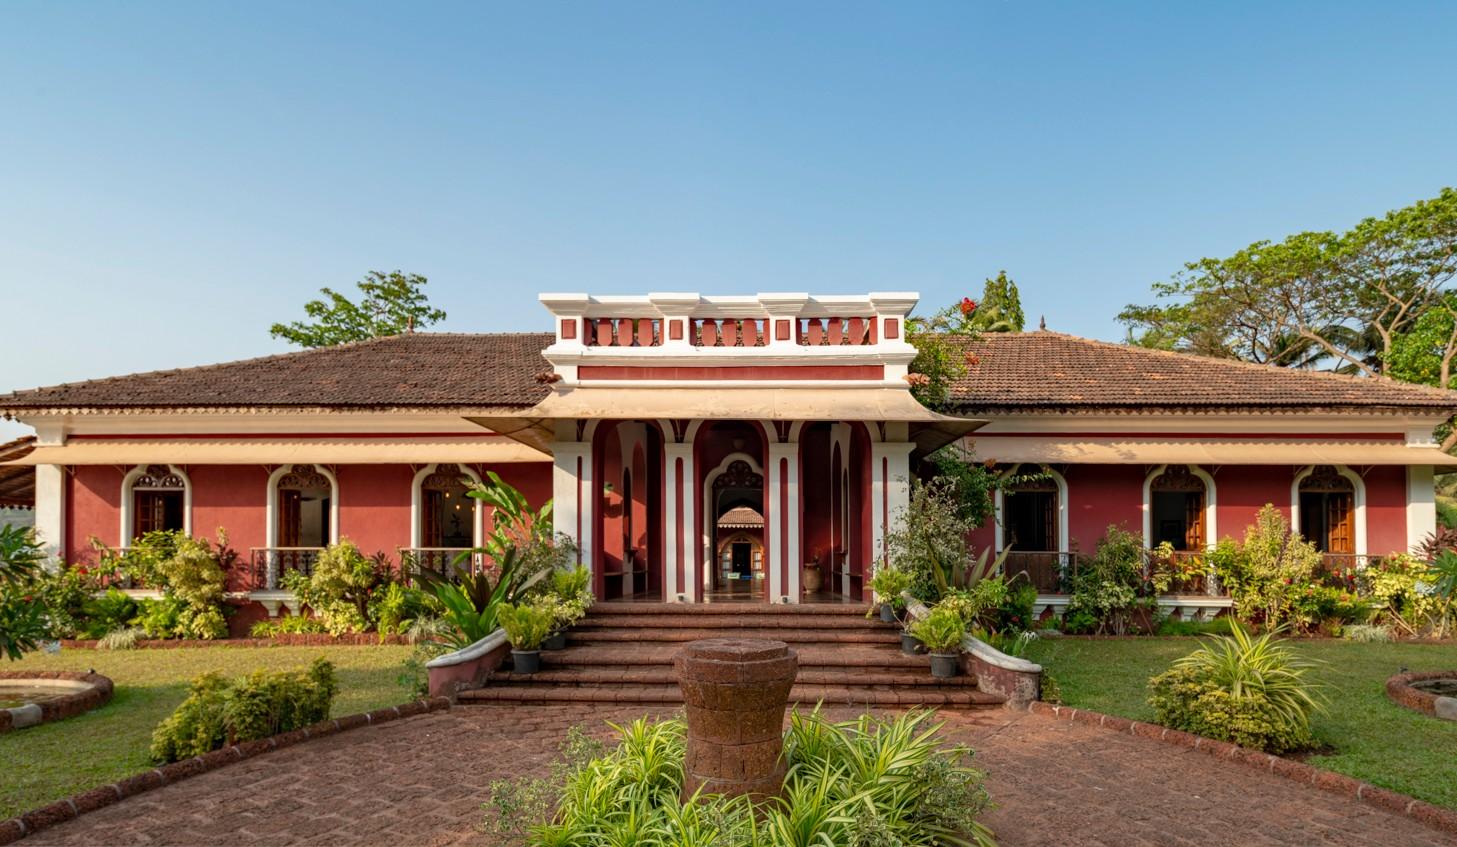 Amrapali House of Grace | exterior credit Bharat Ramamrutham